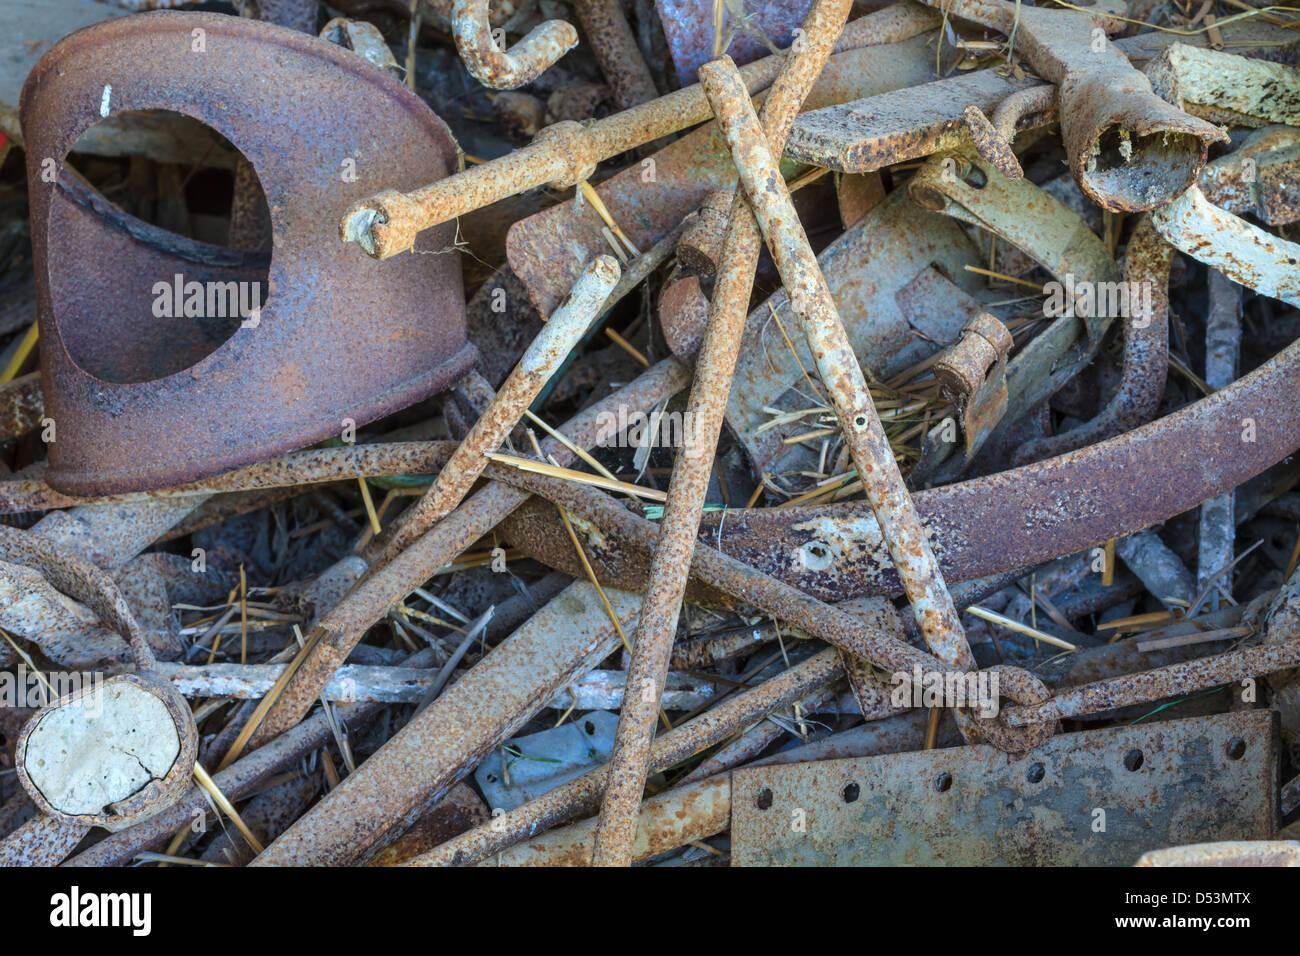 Scrap metal close up in scrap yard - Stock Image